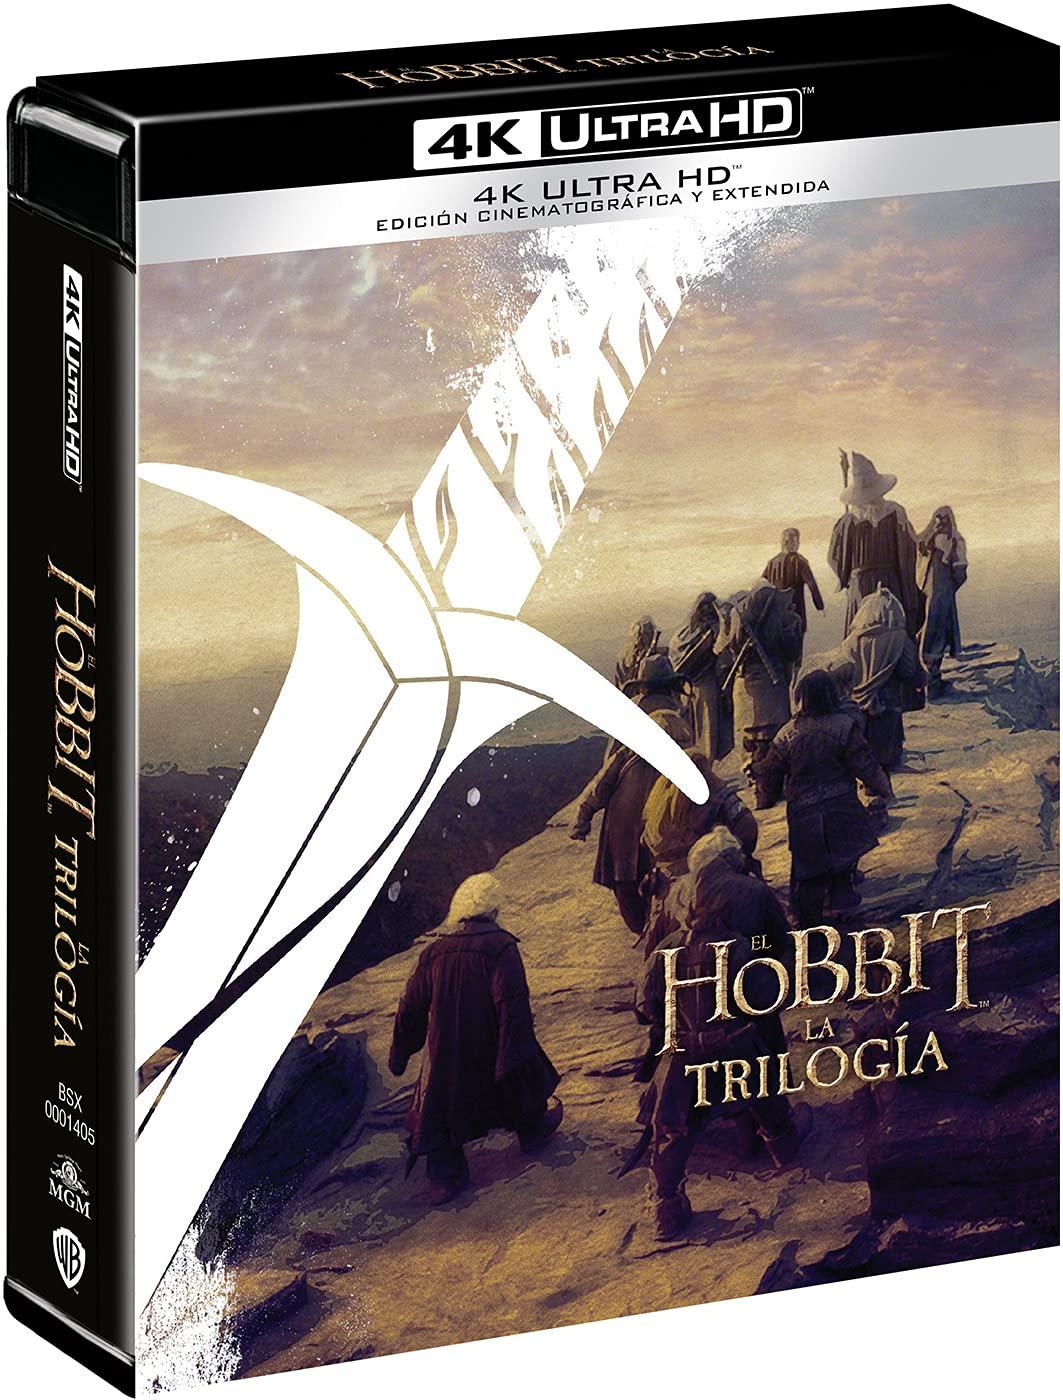 Trilogía El Hobbit versión cinematográfica + versión extendida 4k UHD [Blu-ray]